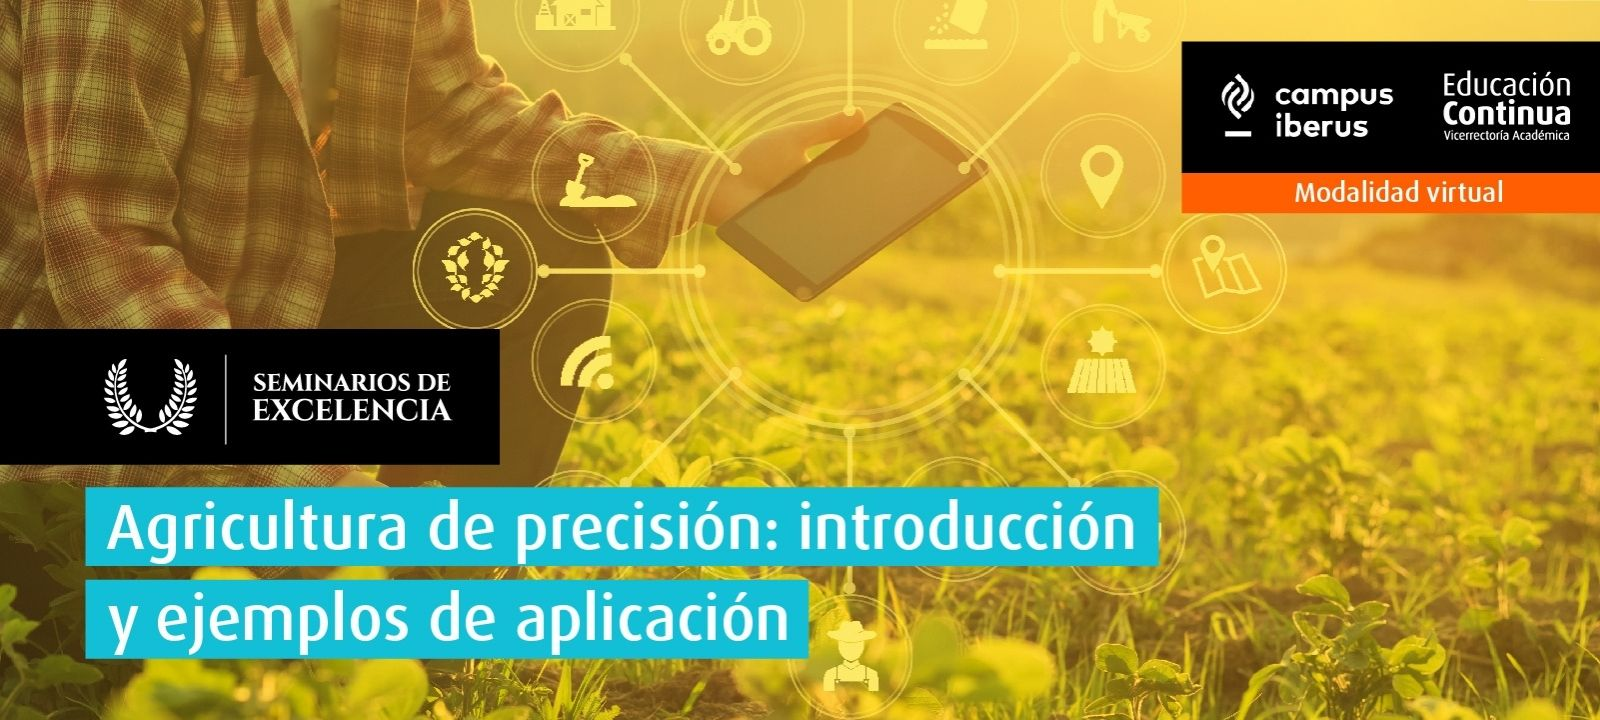 Curso virtual - Agricultura de precisión: introducción y ejemplos de aplicación